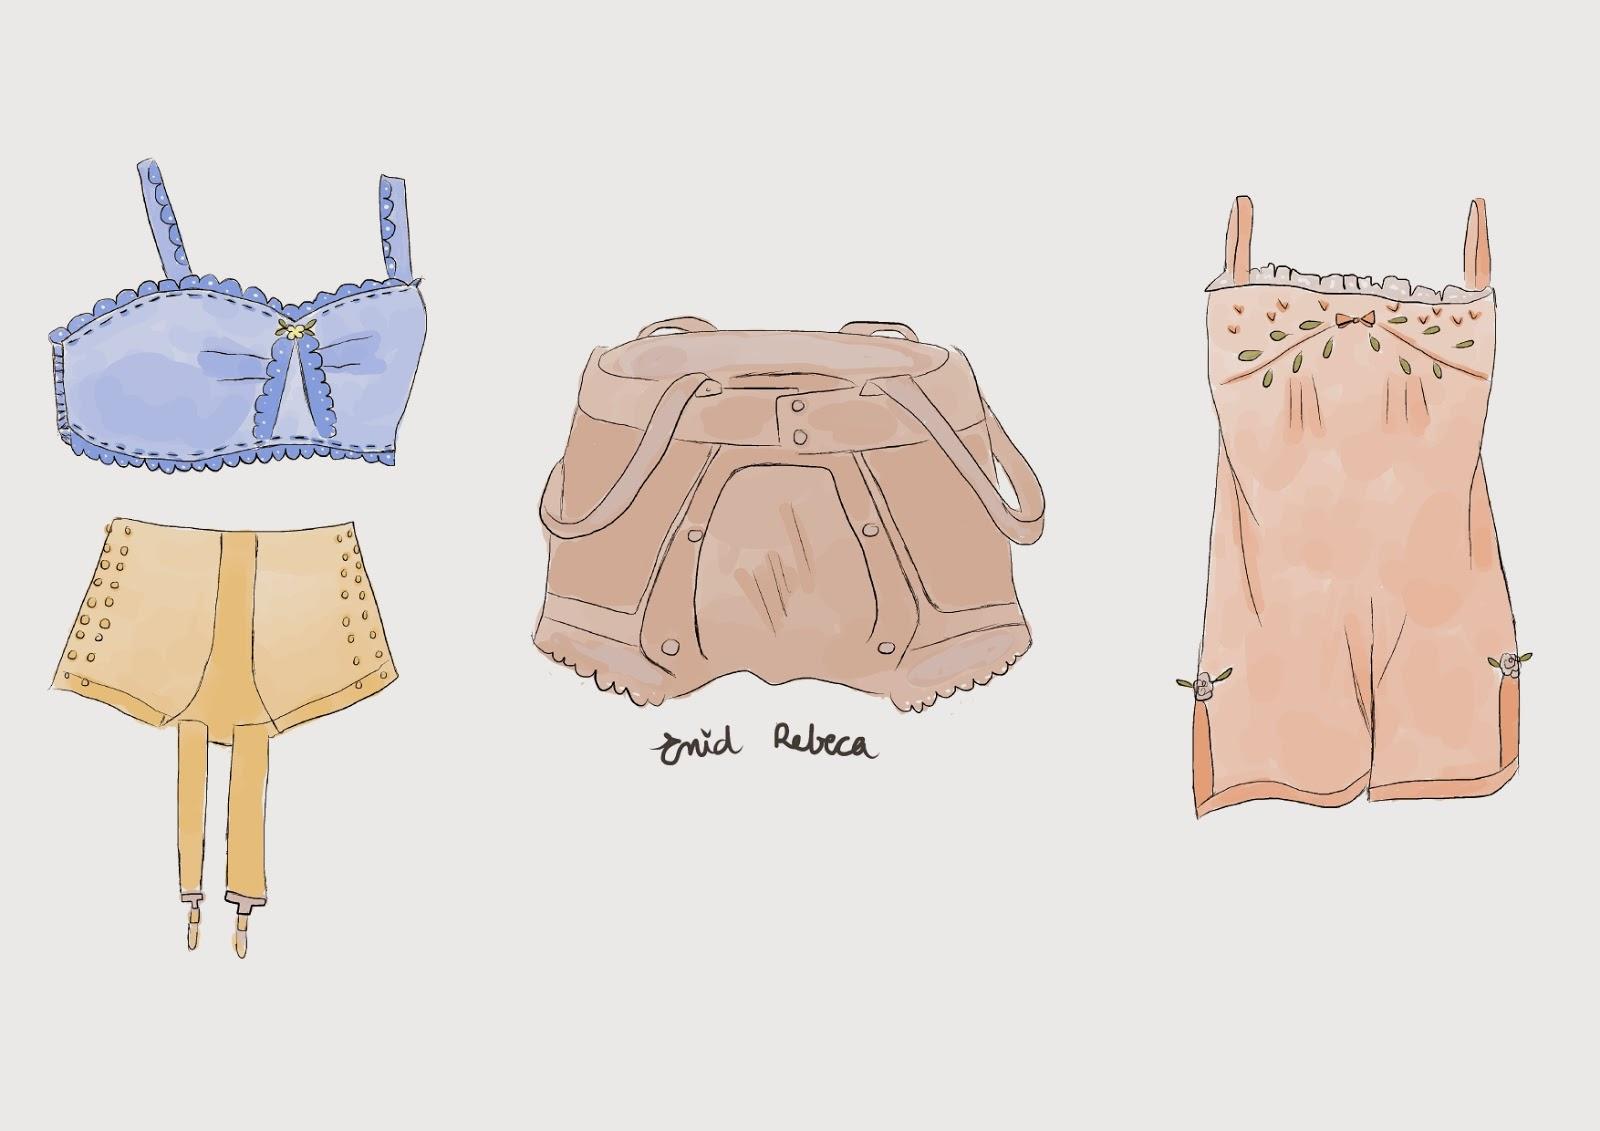 vintage retro 1920s  años 20 20s lingerie lenceria ropa interior ilustración drawing digital illustrator